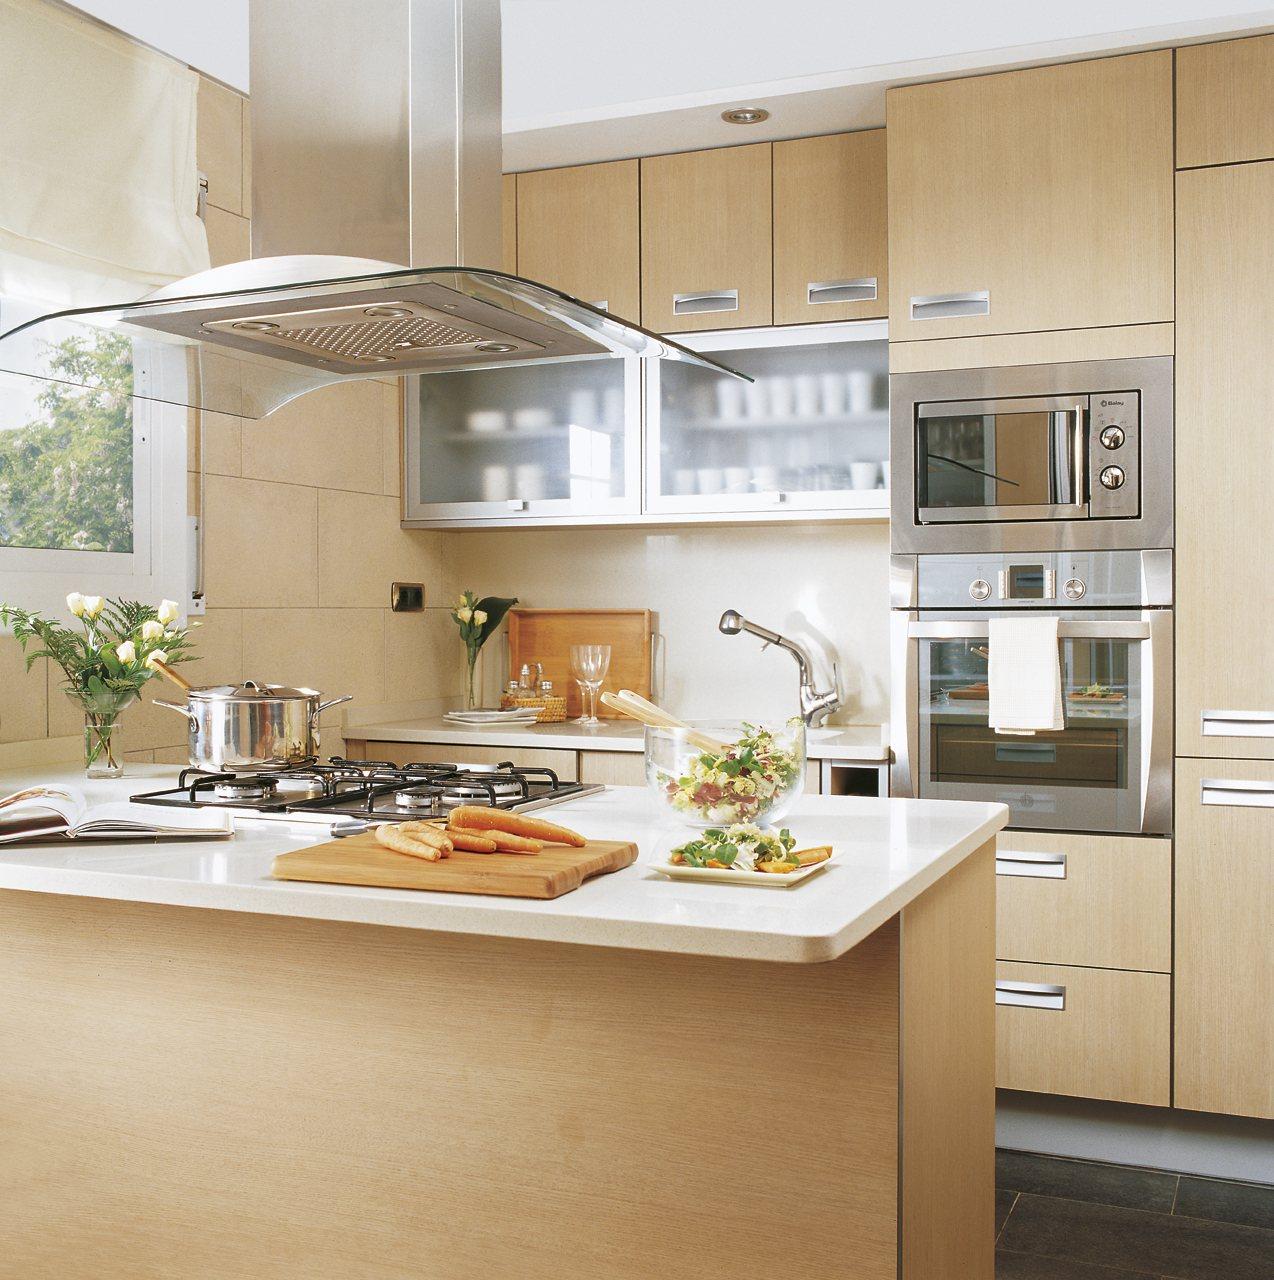 Ver muebles de cocina peque a ideas for Ver cocinas modernas